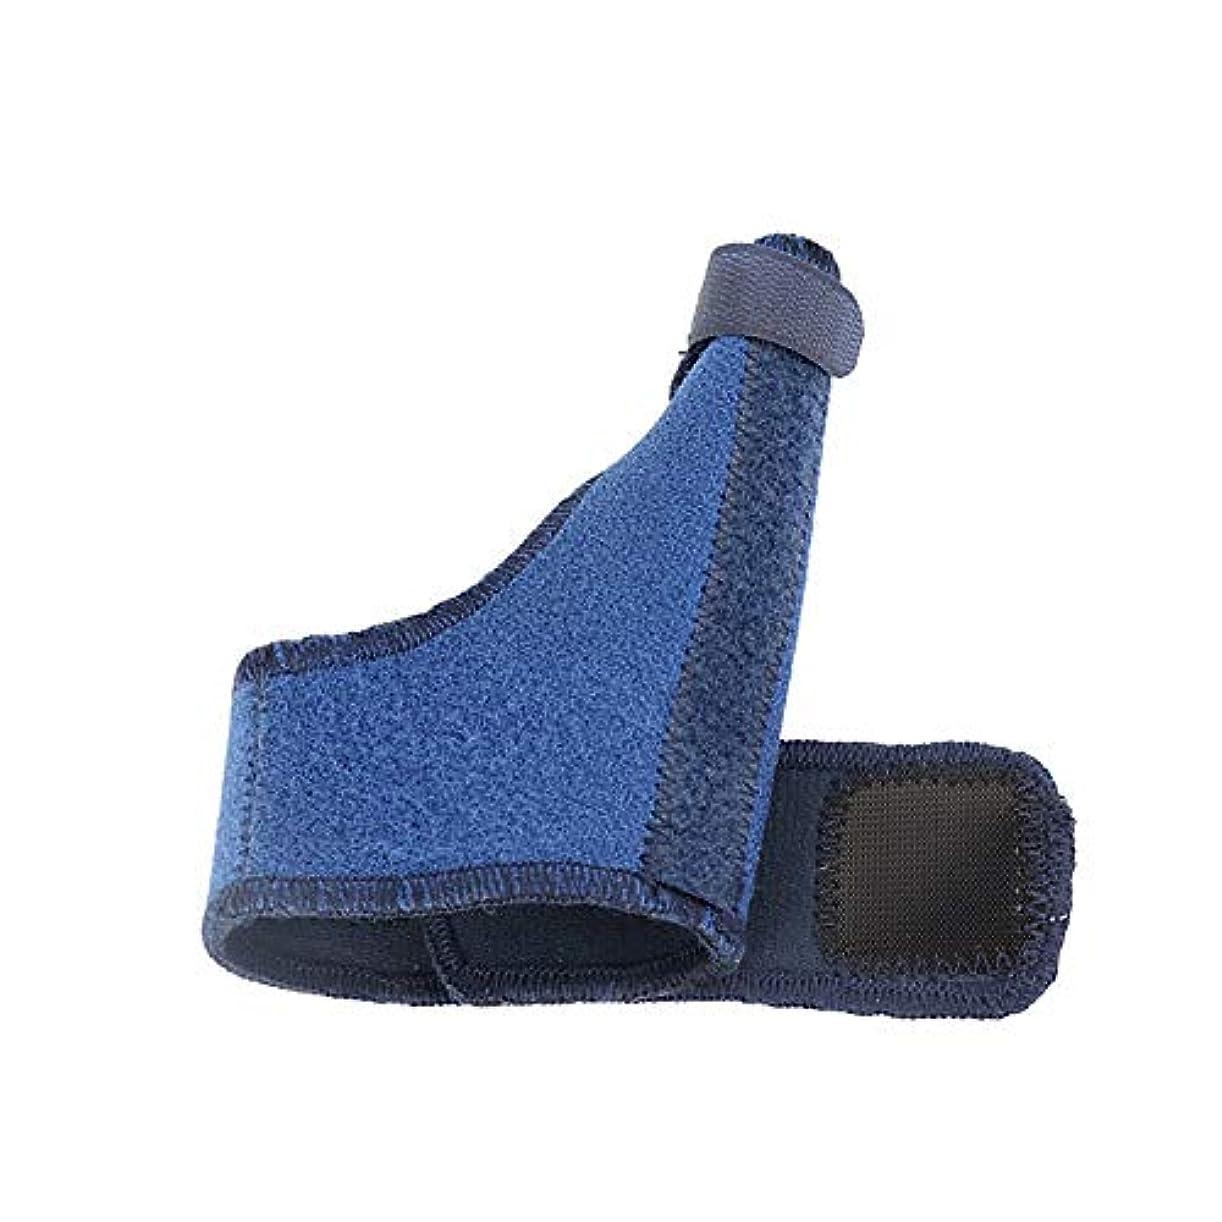 武器気分が悪いコックZYL-YL 手首の手首カバー親指ジャケットスチールストリップ固定親指ストラップスポーツリストバンド (色 : 青, Edition : Right)